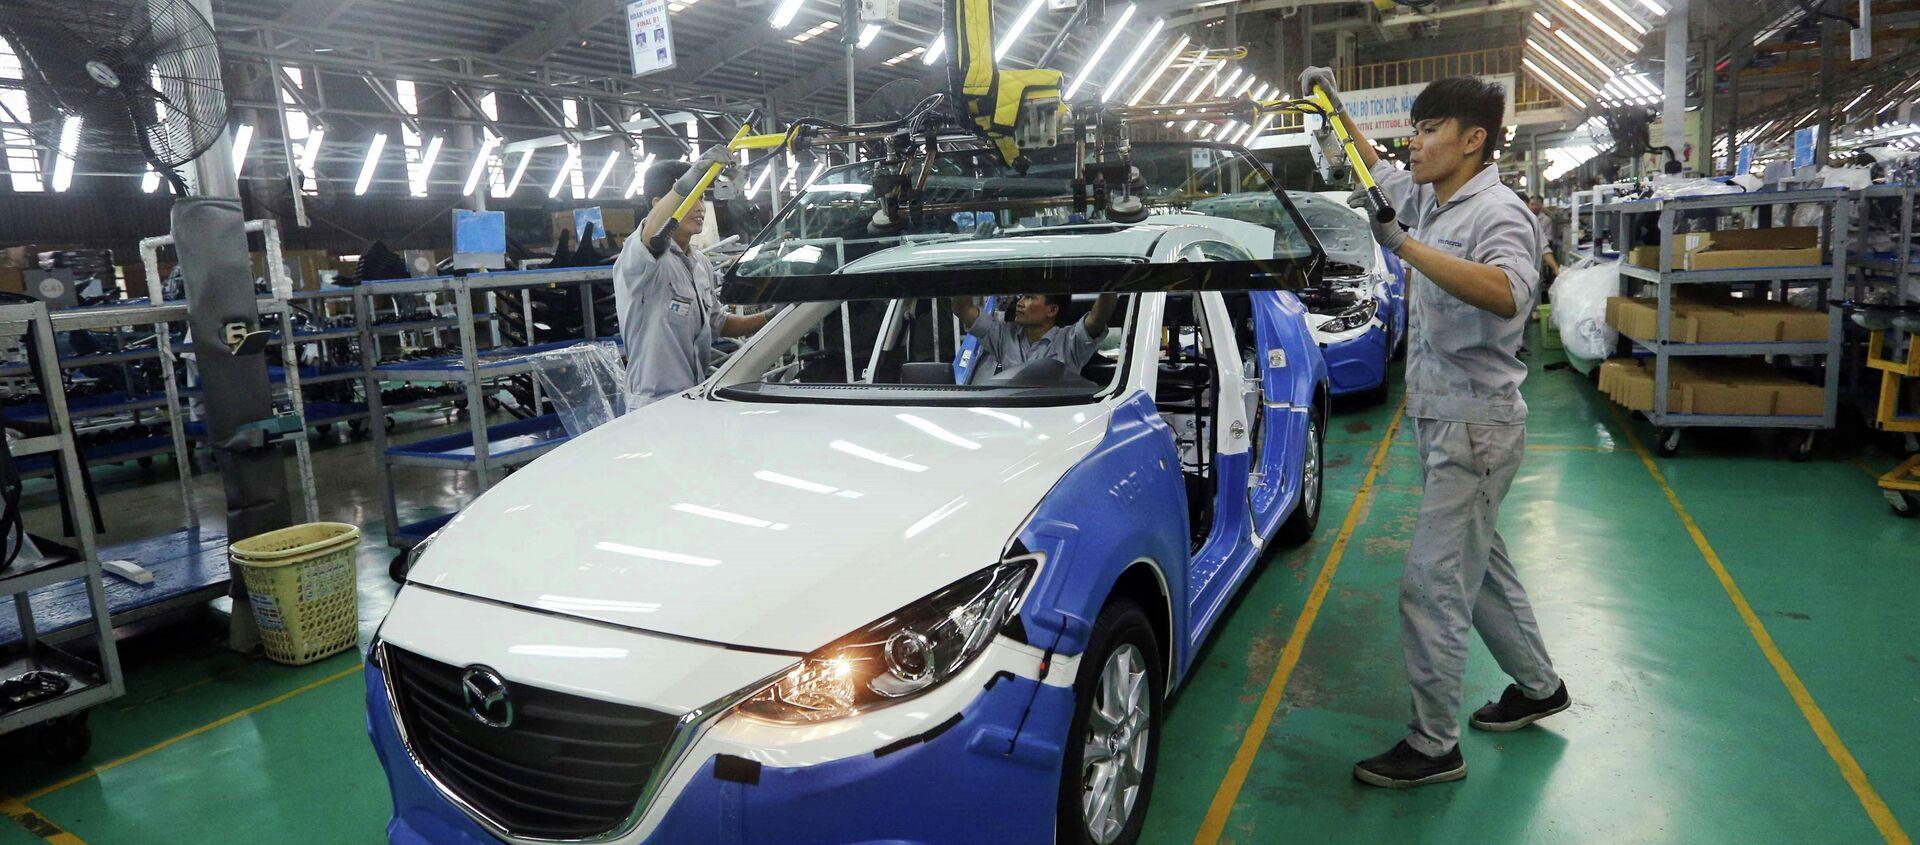 Dây chuyền lắp ráp xe Mazda của Công ty cổ phần ô tô Trường Hải, Khu kinh tế Chu Lai (Quảng Nam). Đây là biểu tượng thành công về hợp tác sản xuất trong lĩnh vực sản xuất và lắp ráp ô tô giữa Việt Nam và Nhật Bản. - Sputnik Việt Nam, 1920, 16.01.2019